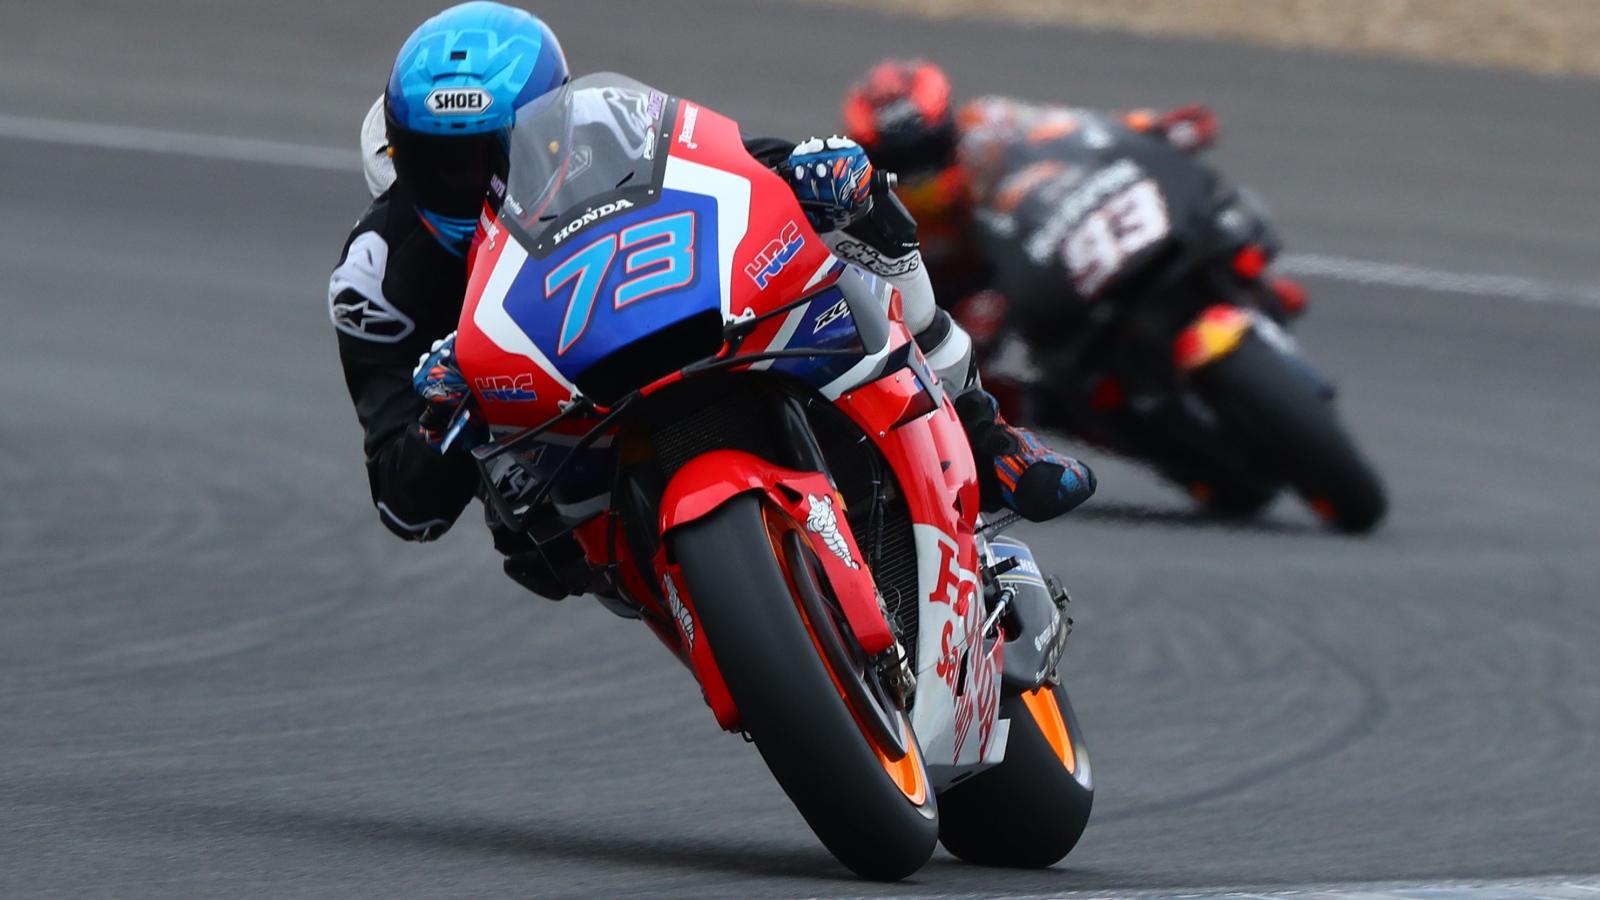 Calendario completo test 2020 en MotoGP, Moto2, Moto3 y MotoE